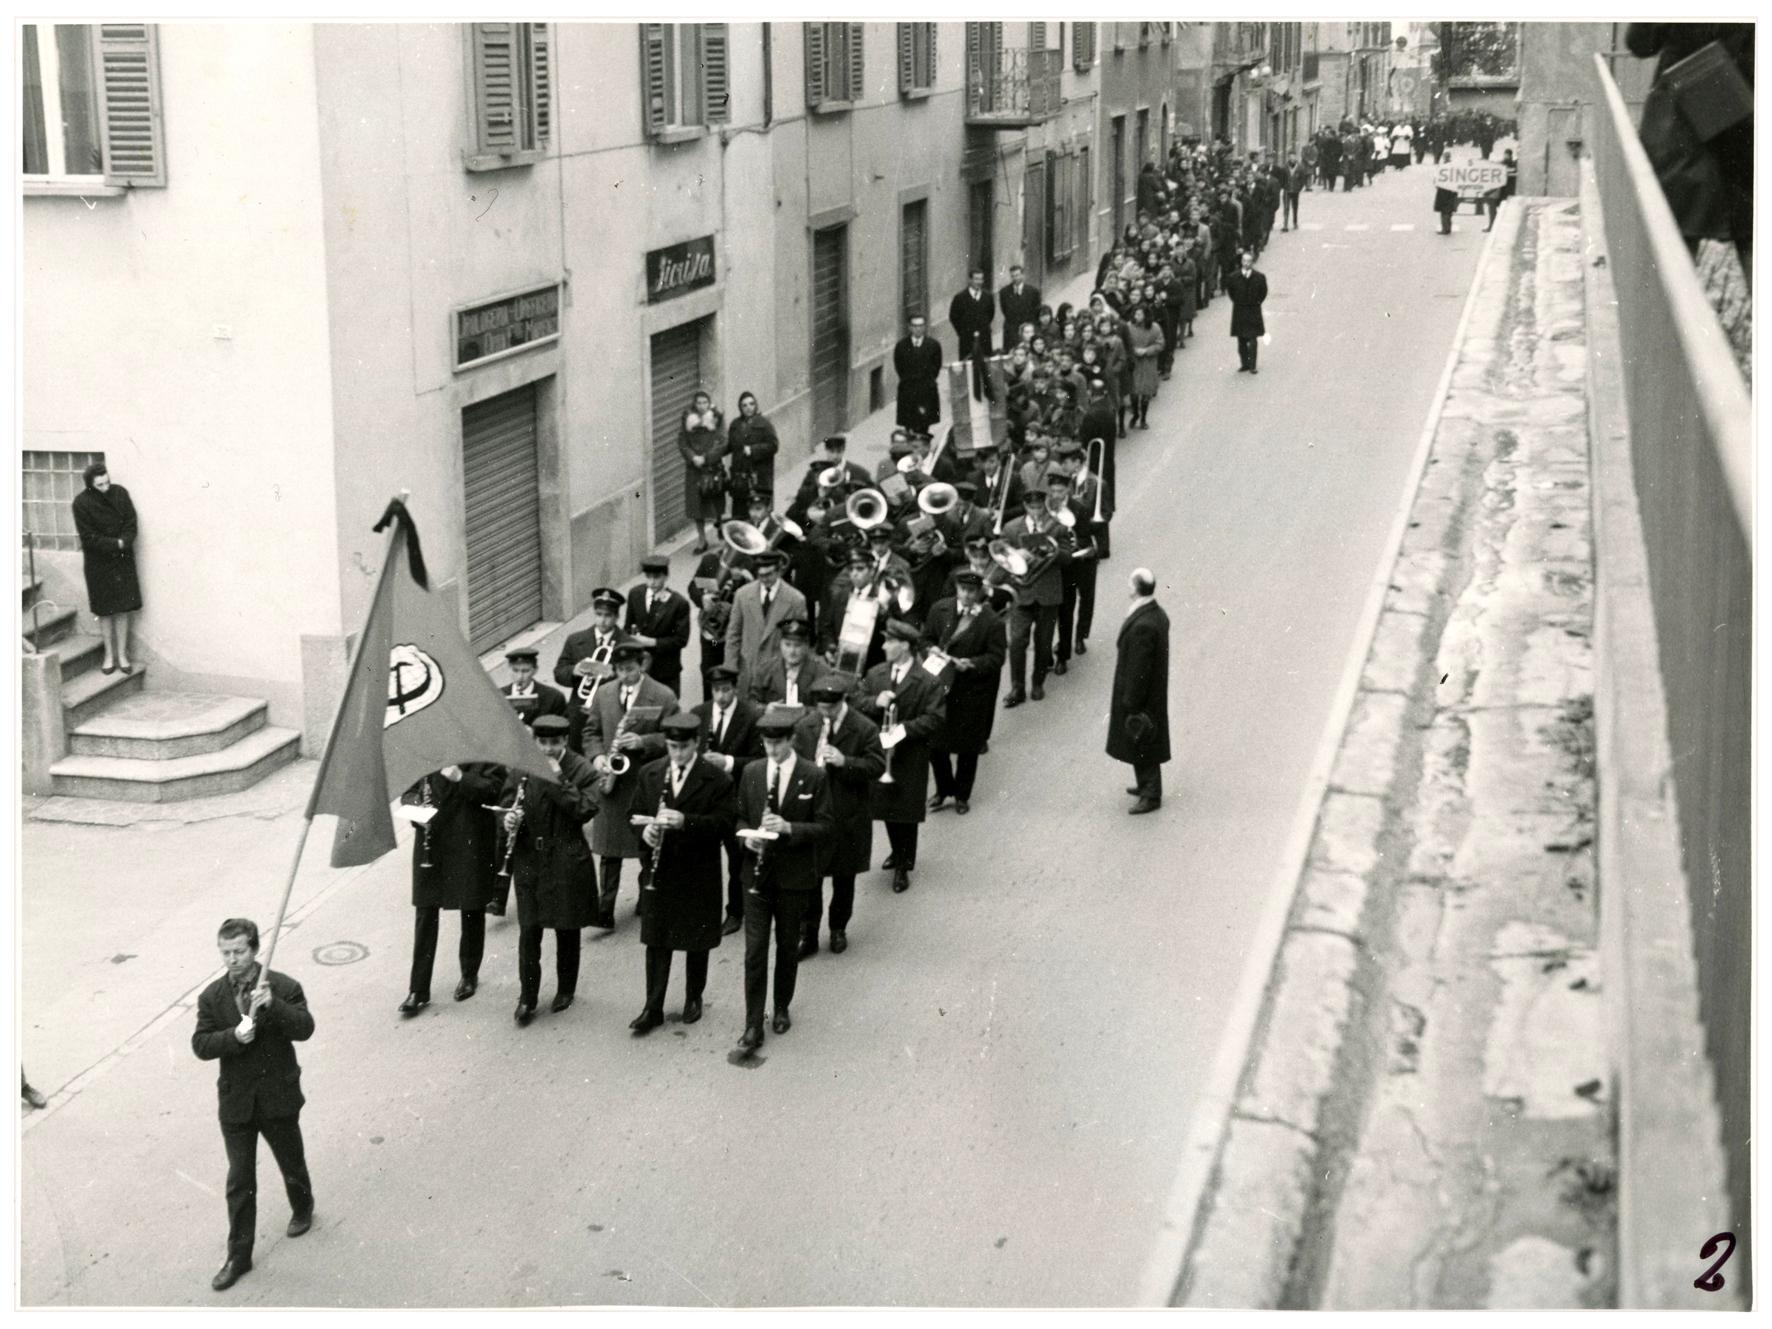 foto 2 funerale Ghslandi